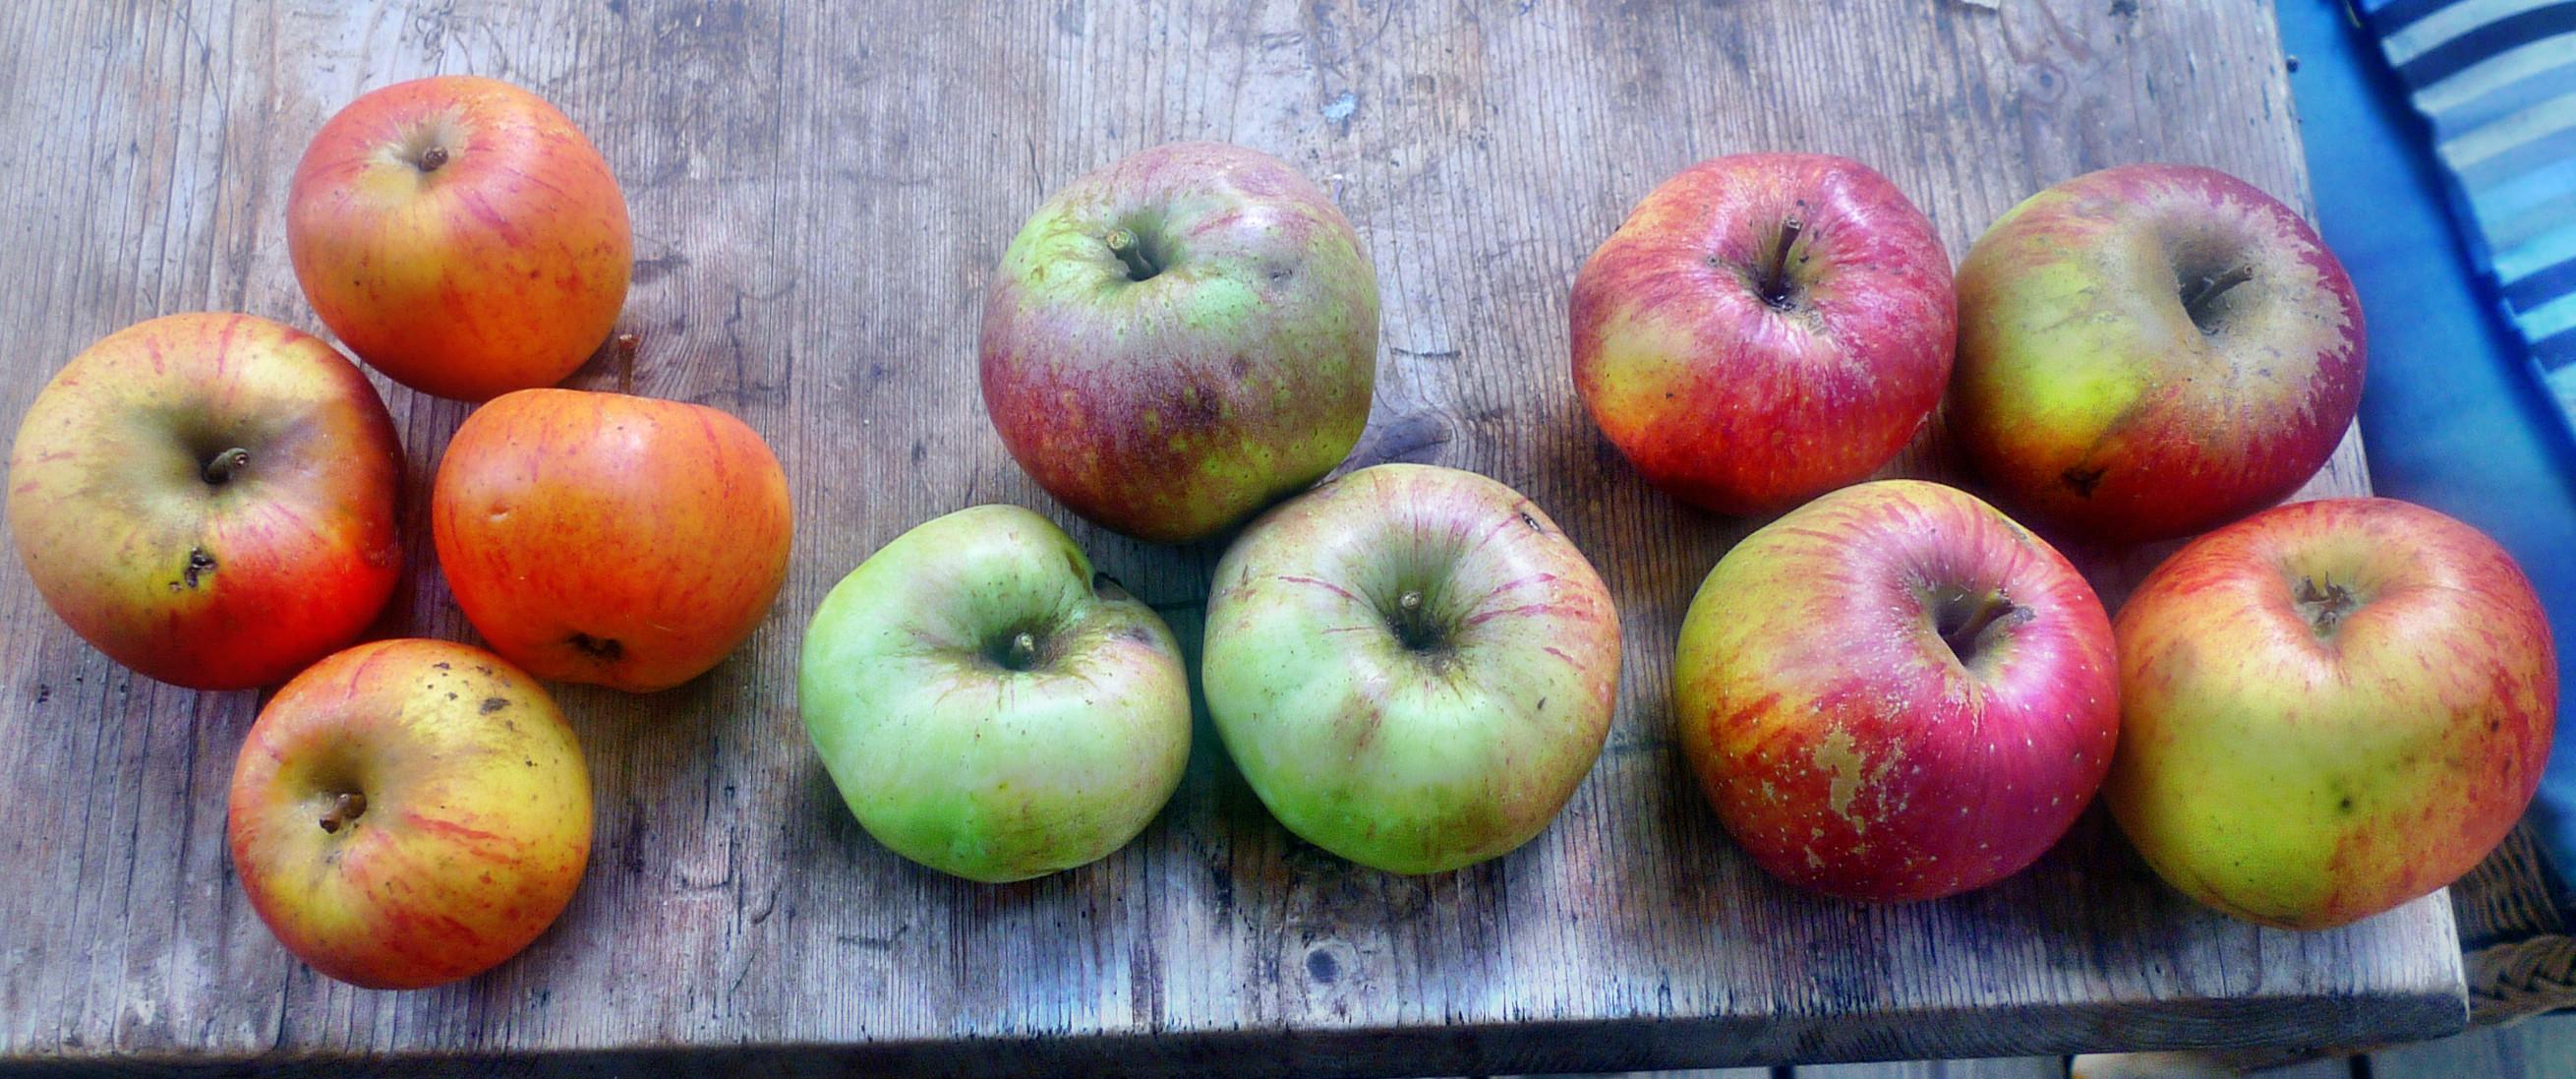 Äpfel- 27.9.14 - (5)